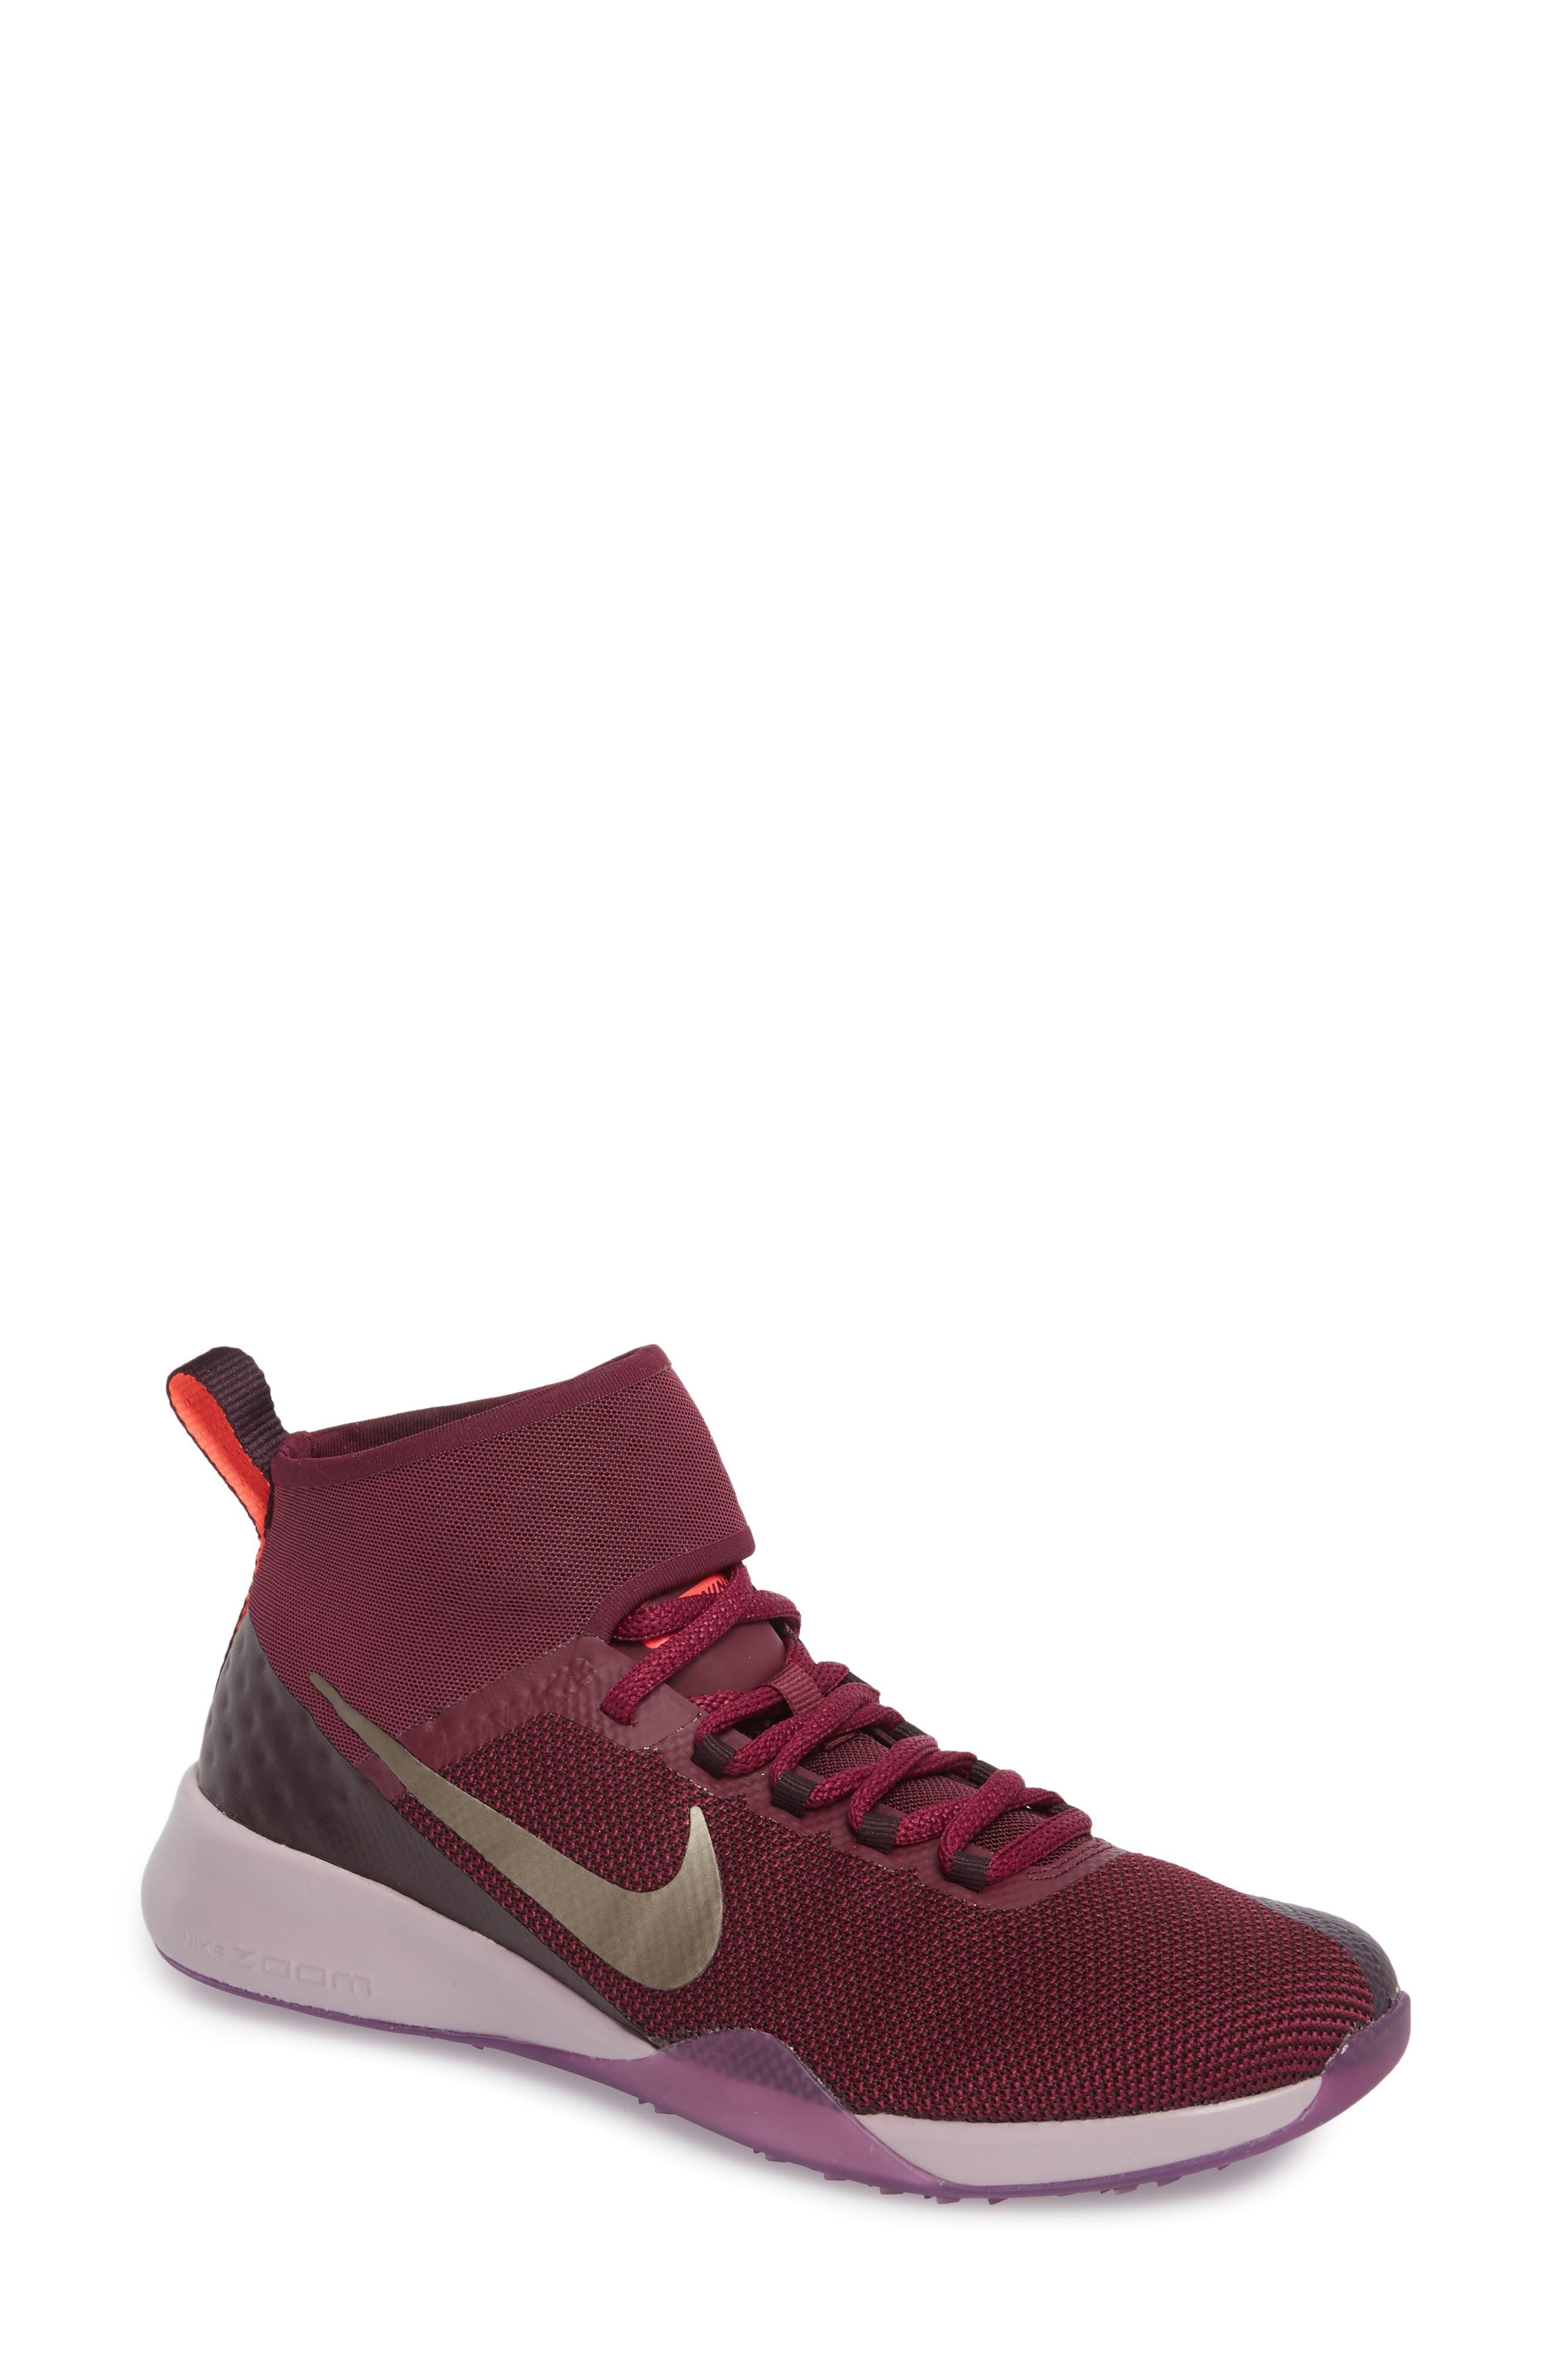 Nike Air Zoom Strong 2 Gem Training Shoe (Women)